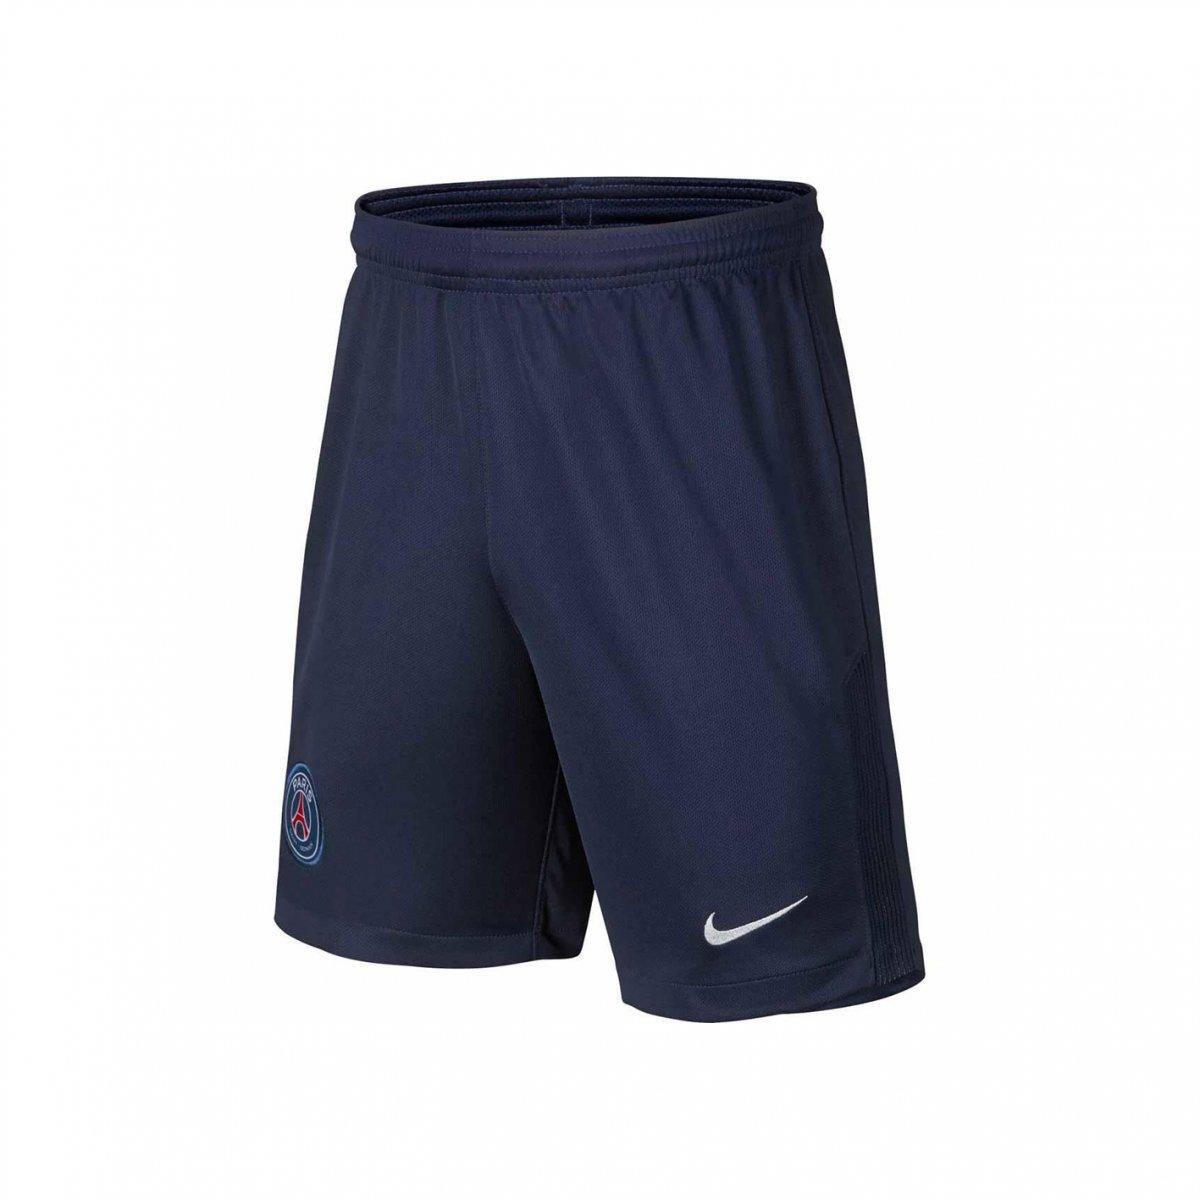 e34fc5ccf2 Calção de Futebol Infantil Nike Paris Saint Germain 847411-429 Marinho